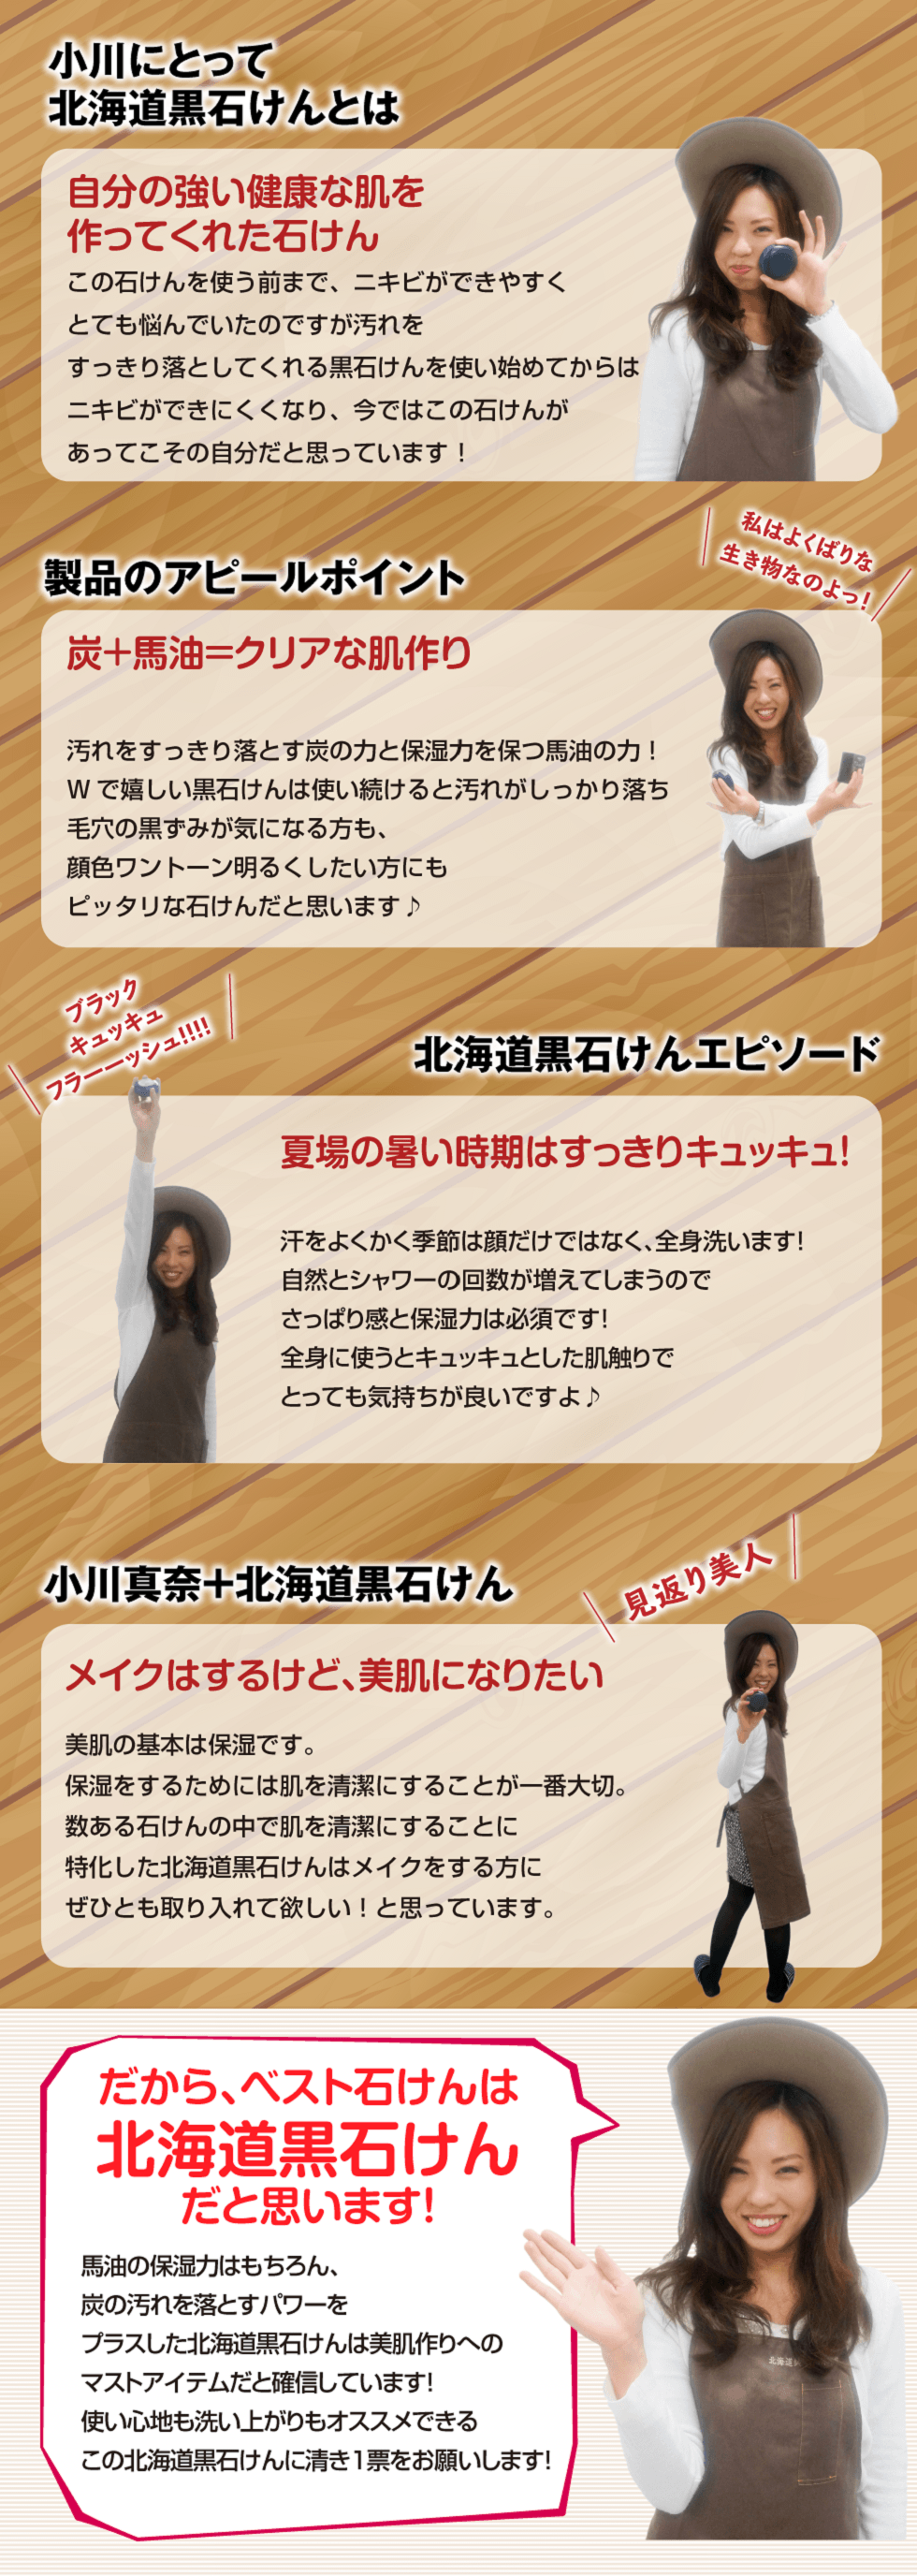 ベスト石鹸アワード エントリーNO.2